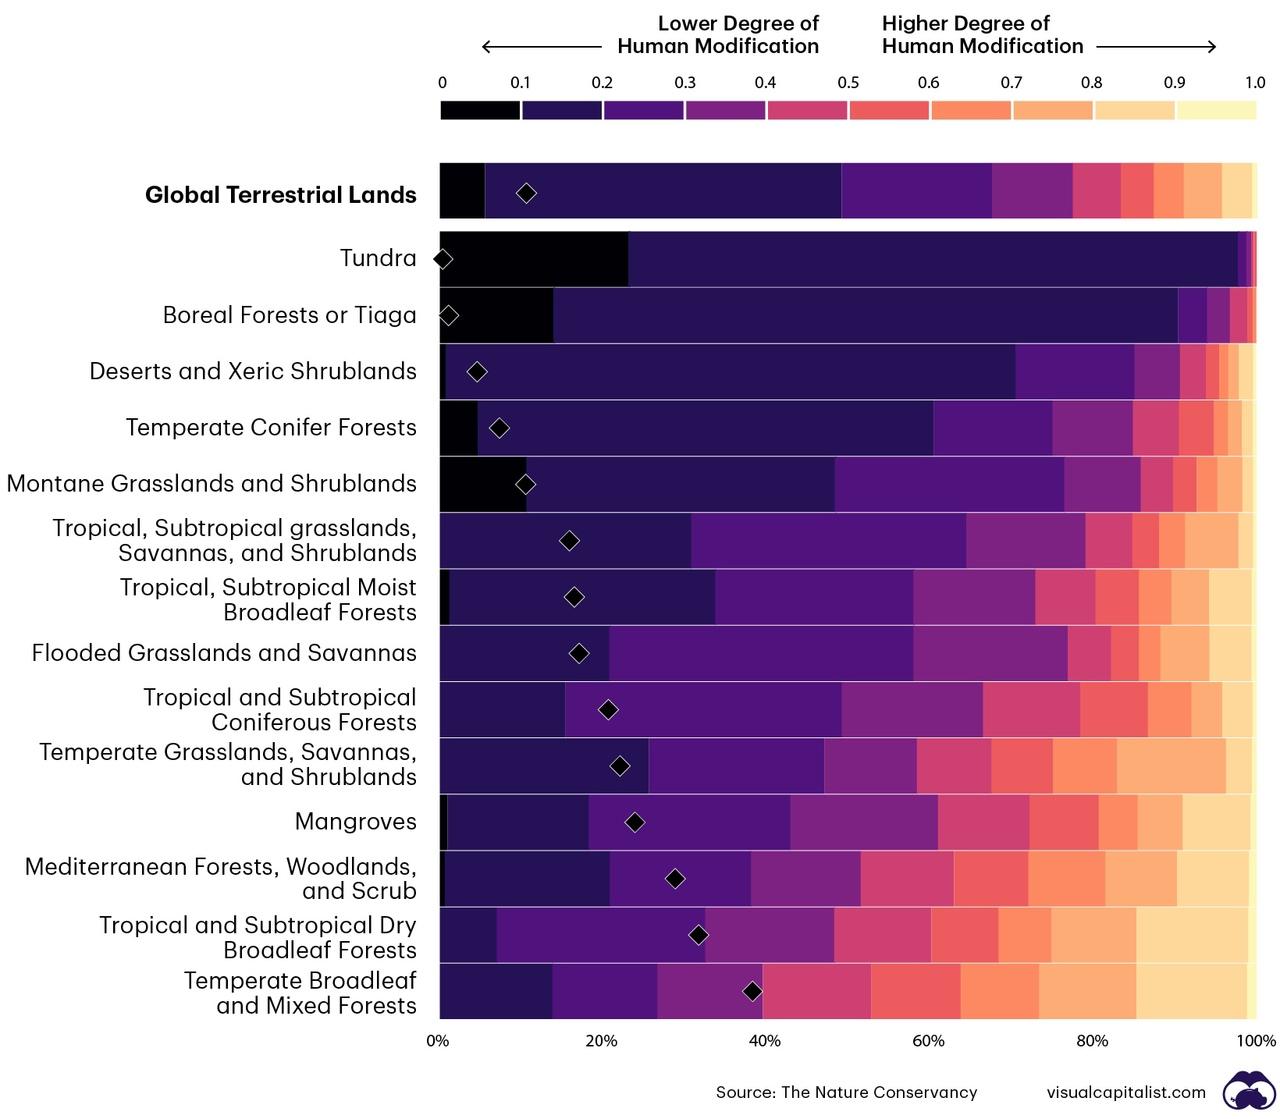 Степень антропогенной модификации основных биомов суши в 2019-2020 (чем синей, тем менее модифицировано, чем красней - тем более). Оценено Ханнахом Кёром на основе 13 форм антропогенной трансформации (stressors): Поселения: плотность популяции, застроенные территории Сельское хозяйство: сельскохозяйственные земли, скот Транспорт: главные дороги, второстепенные дороги, двухпутные автомагистрали, железные дороги Добыча полезных ископаемых и получение электроэнергии: карьеры, нефтяные скважины, ветровые турбины Электроэнергетика: линии электропередача, световое загрязнение. Он оценил роль всех 13ти в трансформации земной поверхности по шкале от 0 до 1 и построил карту, с разрешением ячейки 1 кв.км. В результате анализа карты оказалось, что только 5% земной поверхности нашей планеты не затронуто деятельностью человека (~ только лишь 7 млн кв км земной поверхности). При этом 44% поверхности Земли имеет признаки умеренного антропогенного воздействия (46 миллионов кв км), 13% — несёт следы высокого уровня воздействия (17 млн кв км), а 4% поверхности нашей планеты трансформировано в сильнейшей степени (5.5 млн кв км). Такие сильно трансформированные участки земной поверхности хорошо заметны на территории Китая, Индии и Италии.